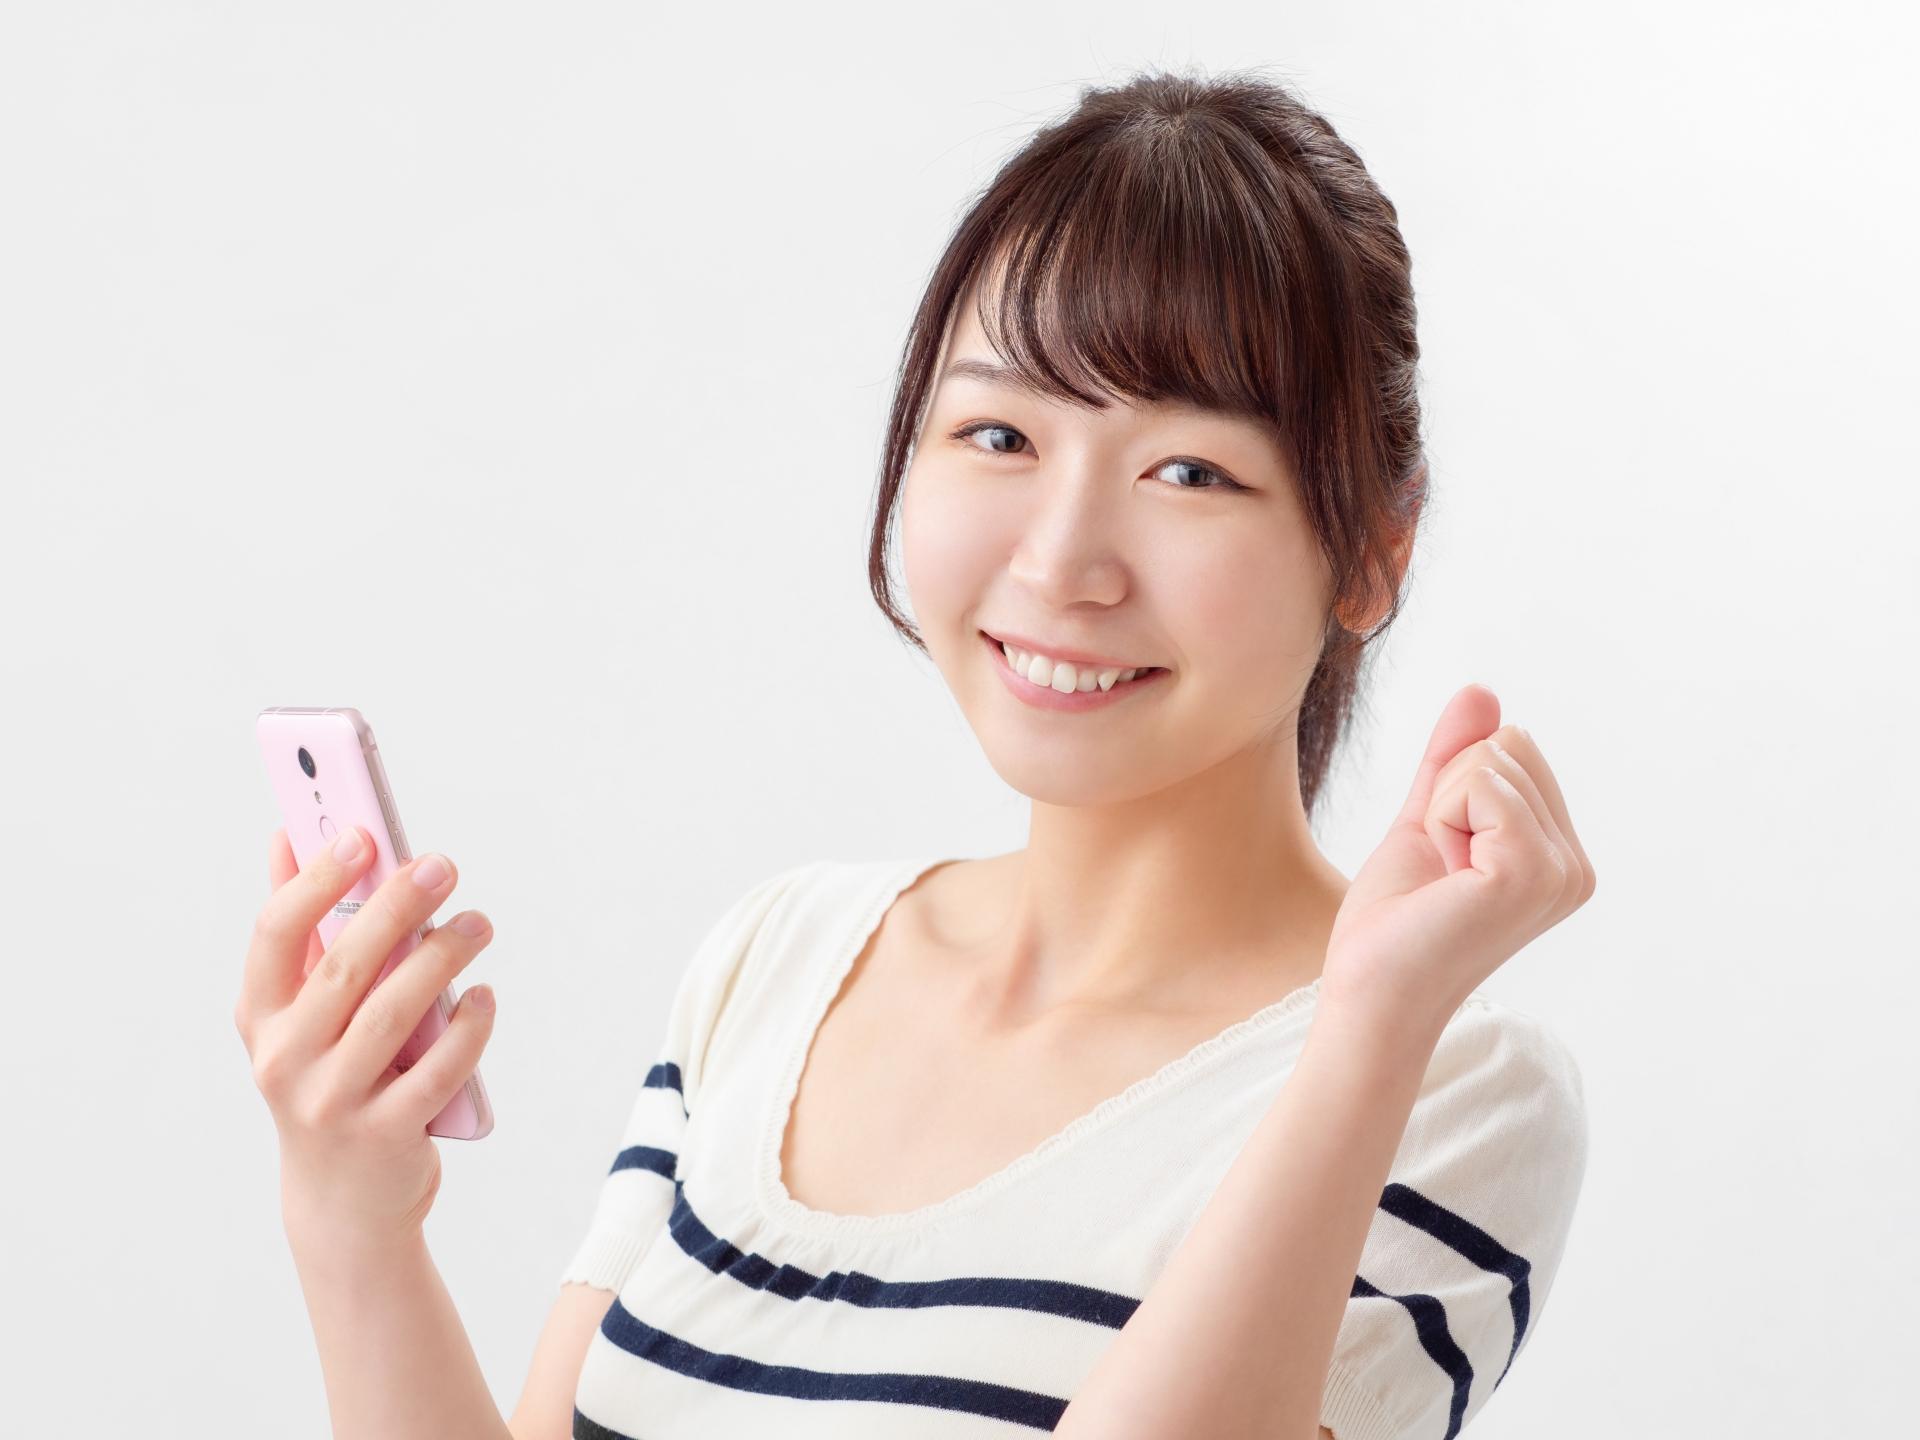 【ダイエットアプリ21選】無料で人気!マジ痩せるアプリを選ぶ方法